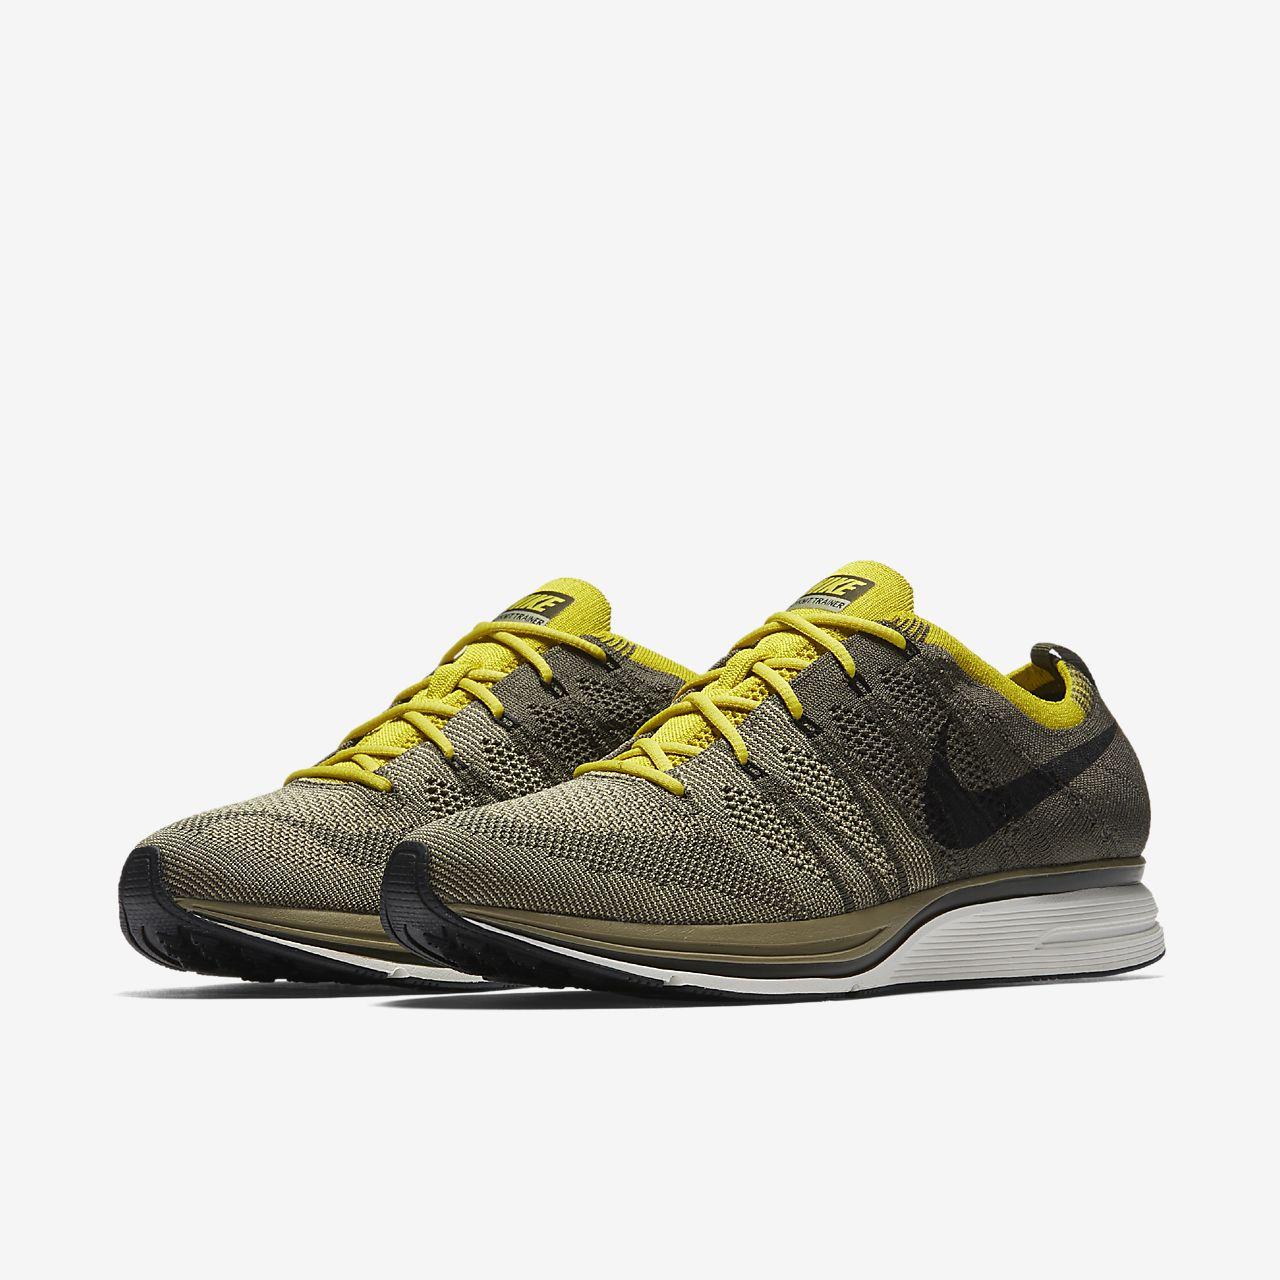 promo code a91f2 83b38 ... Nike Flyknit Trainer Unisex Shoe